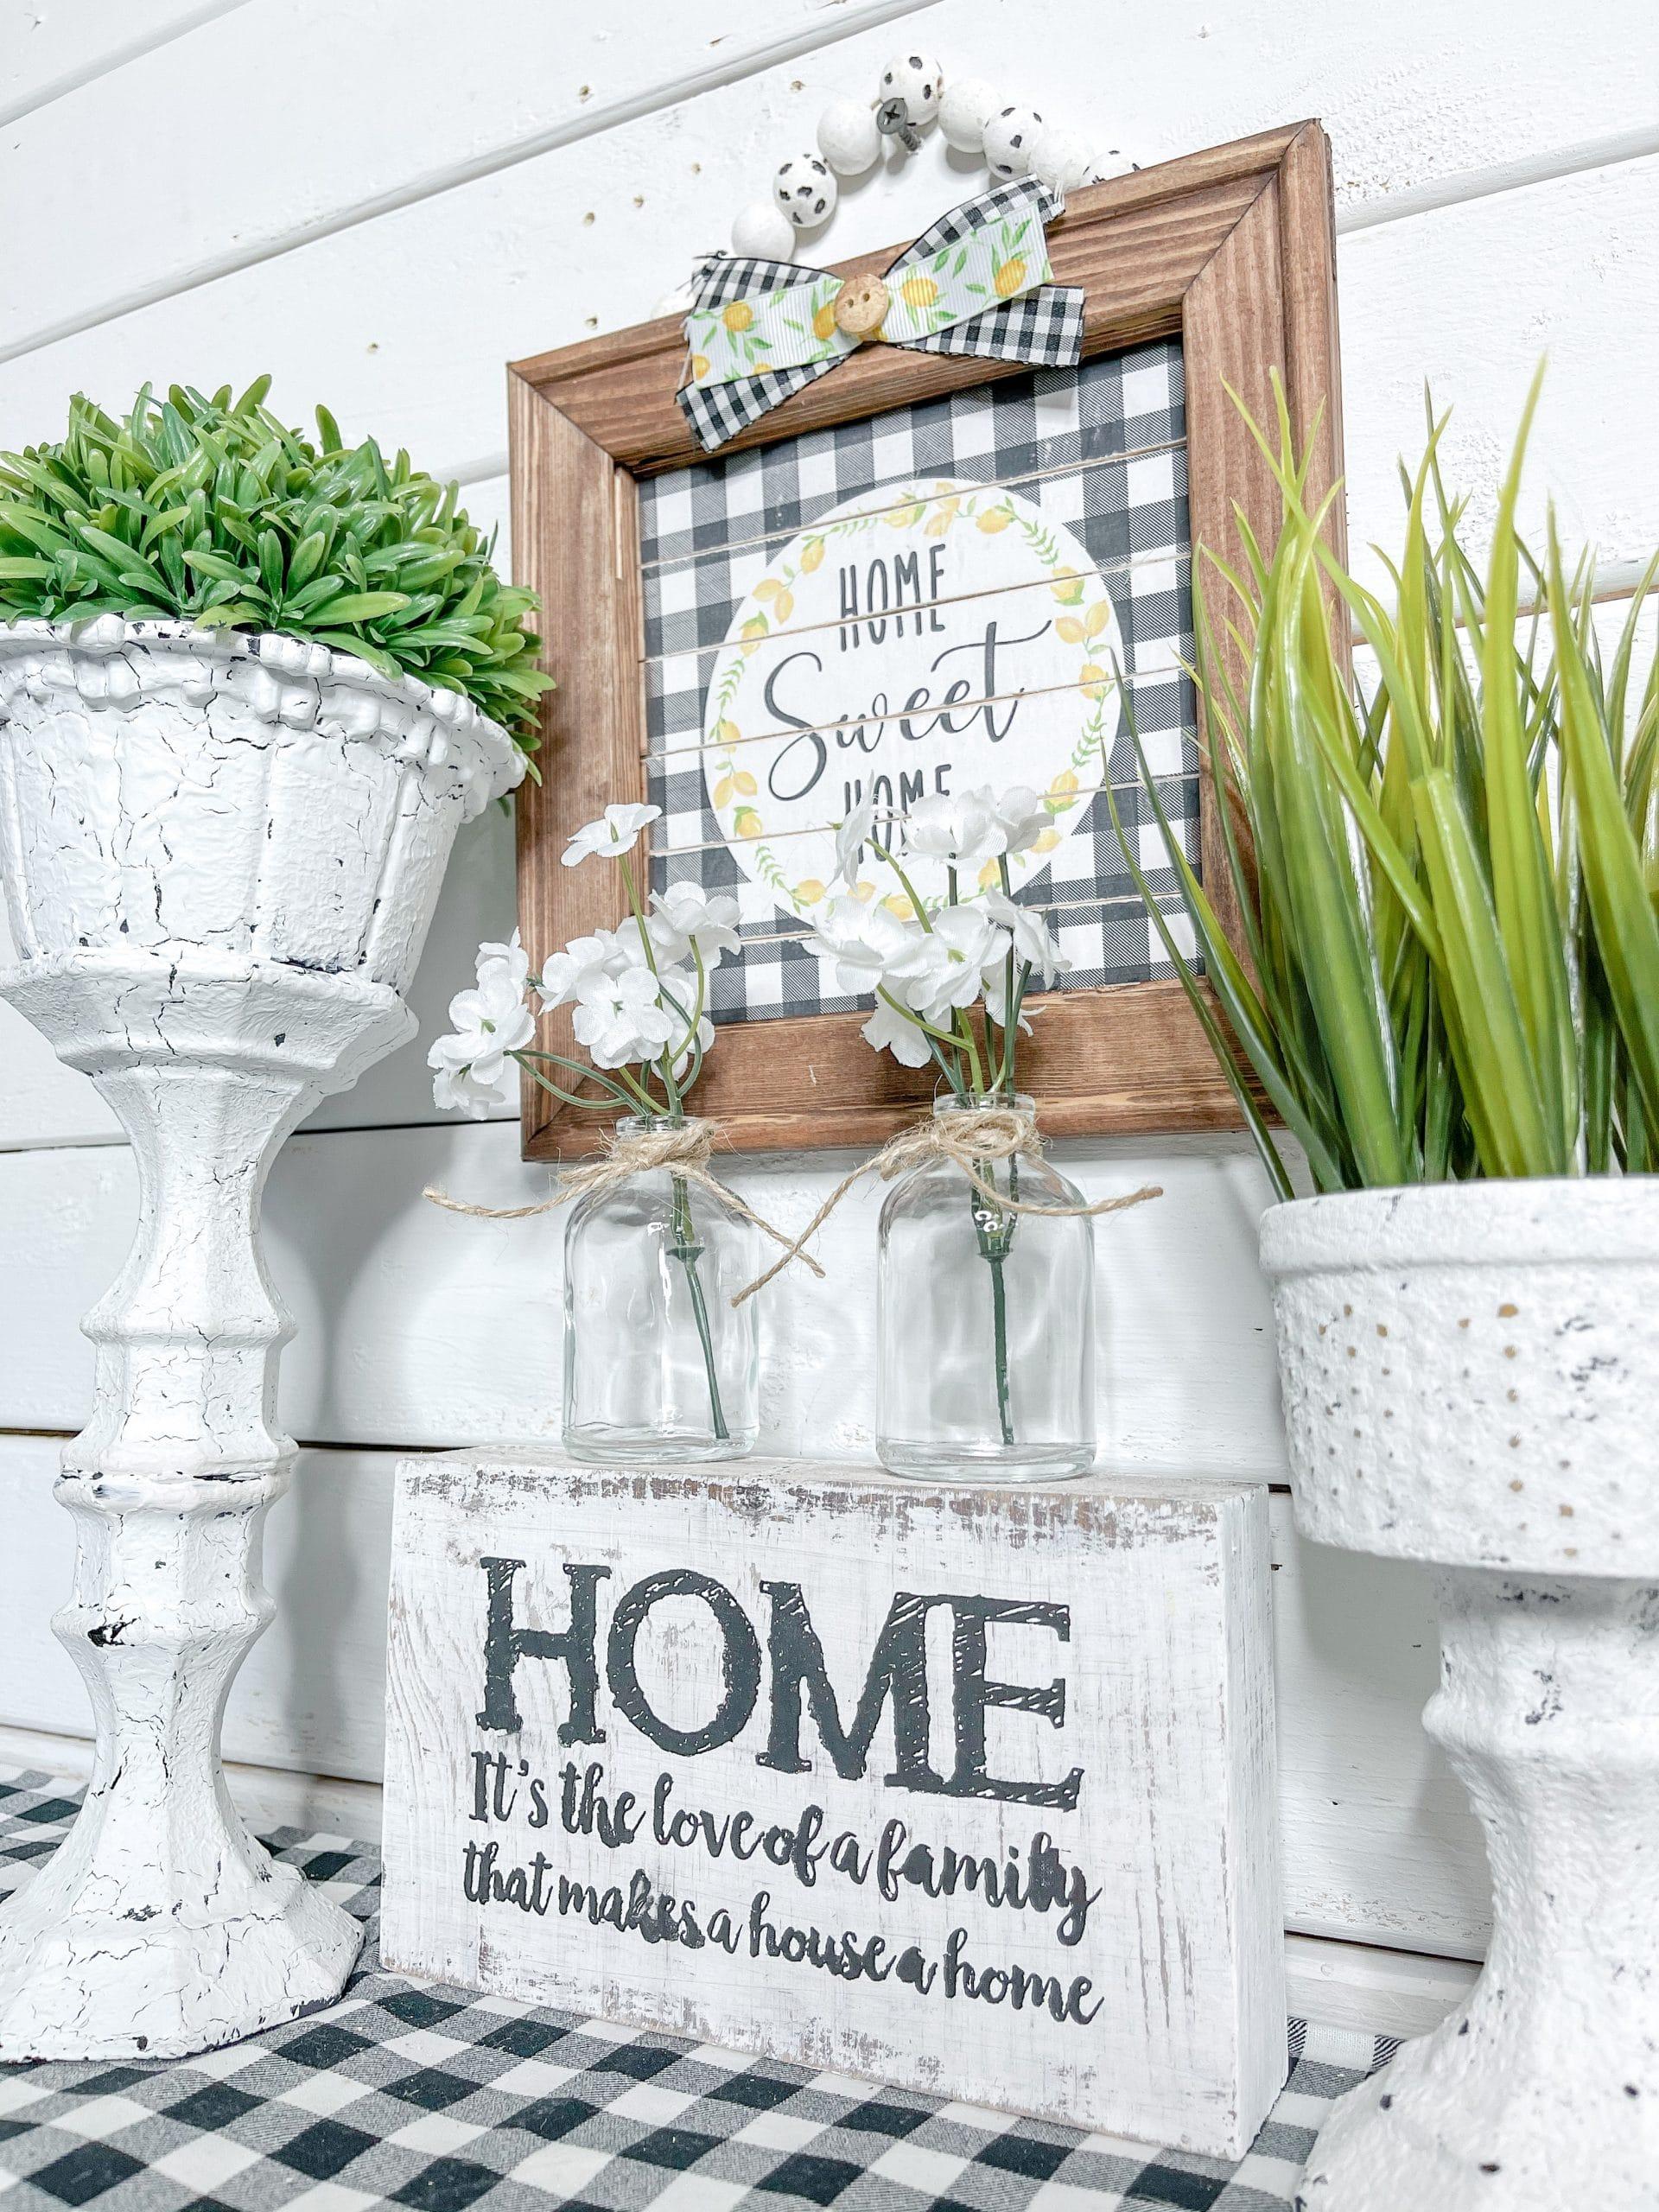 Home Sweet Home Lemon Printable DIY Decor